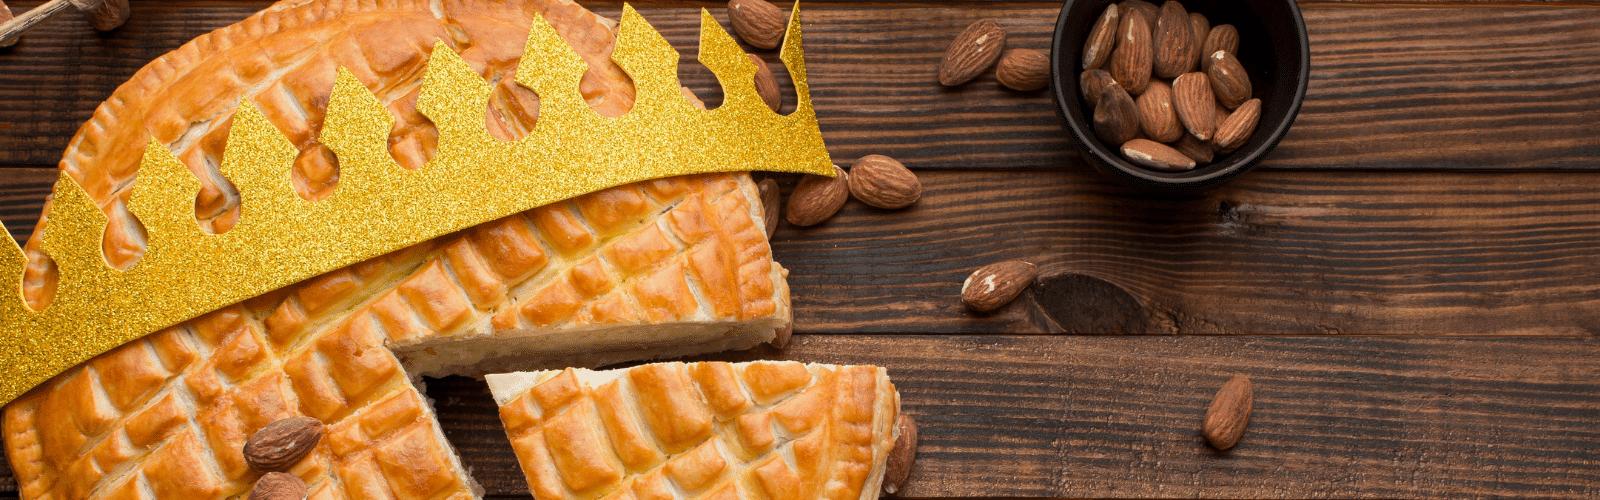 Epiphanie : 3 recettes de galette des rois pour enfants !